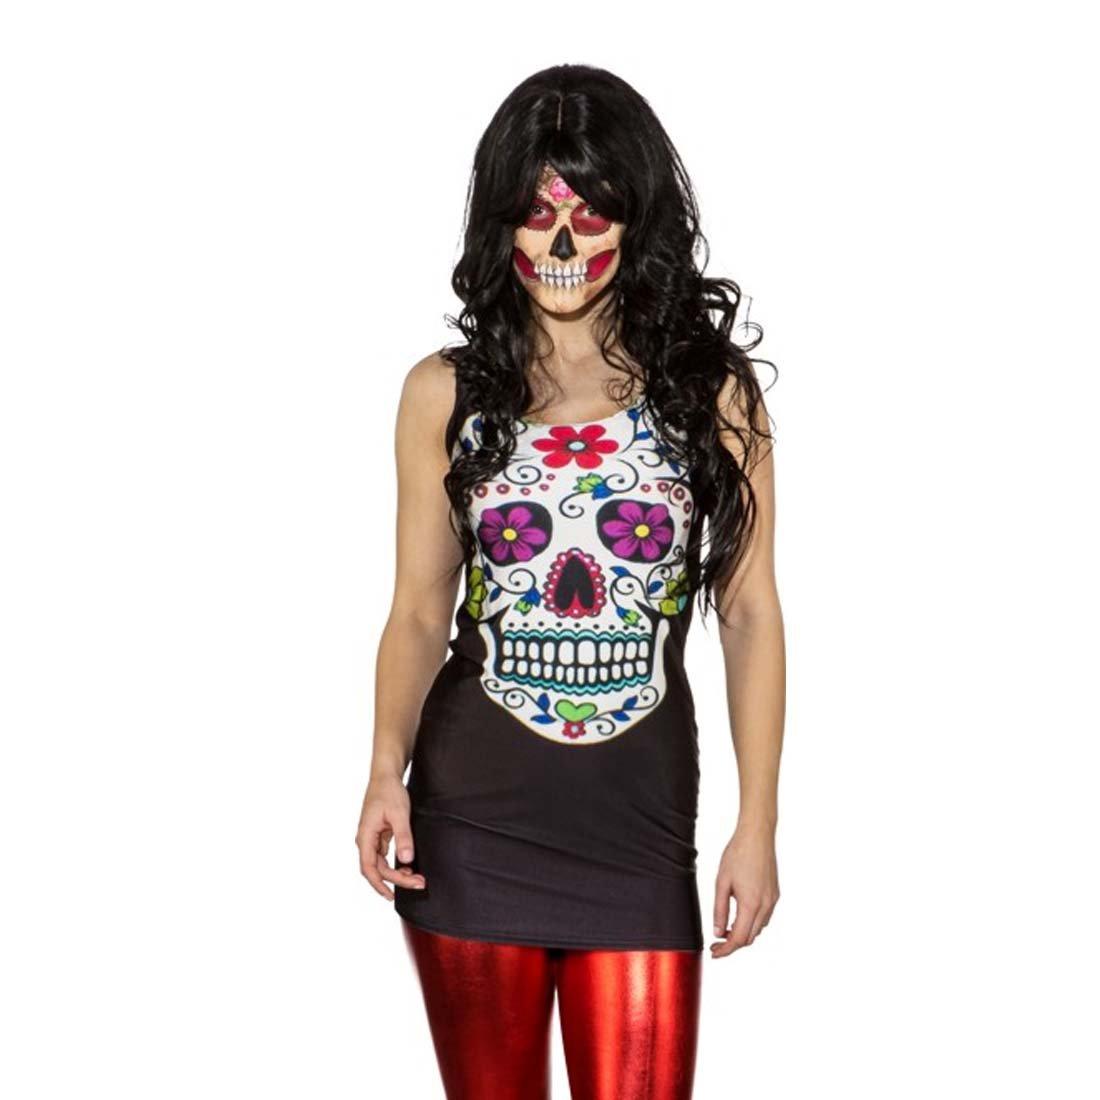 Amakando Minivestido Día de los Muertos Vestido Sexy Sugar Skull S/M 34 - 40 Camisa Larga Calavera Disfraz Halloween Mujer La Catrina Vestido ceñido Ropa de Mujer Fiesta Mexicana: Amazon.es: Juguetes y